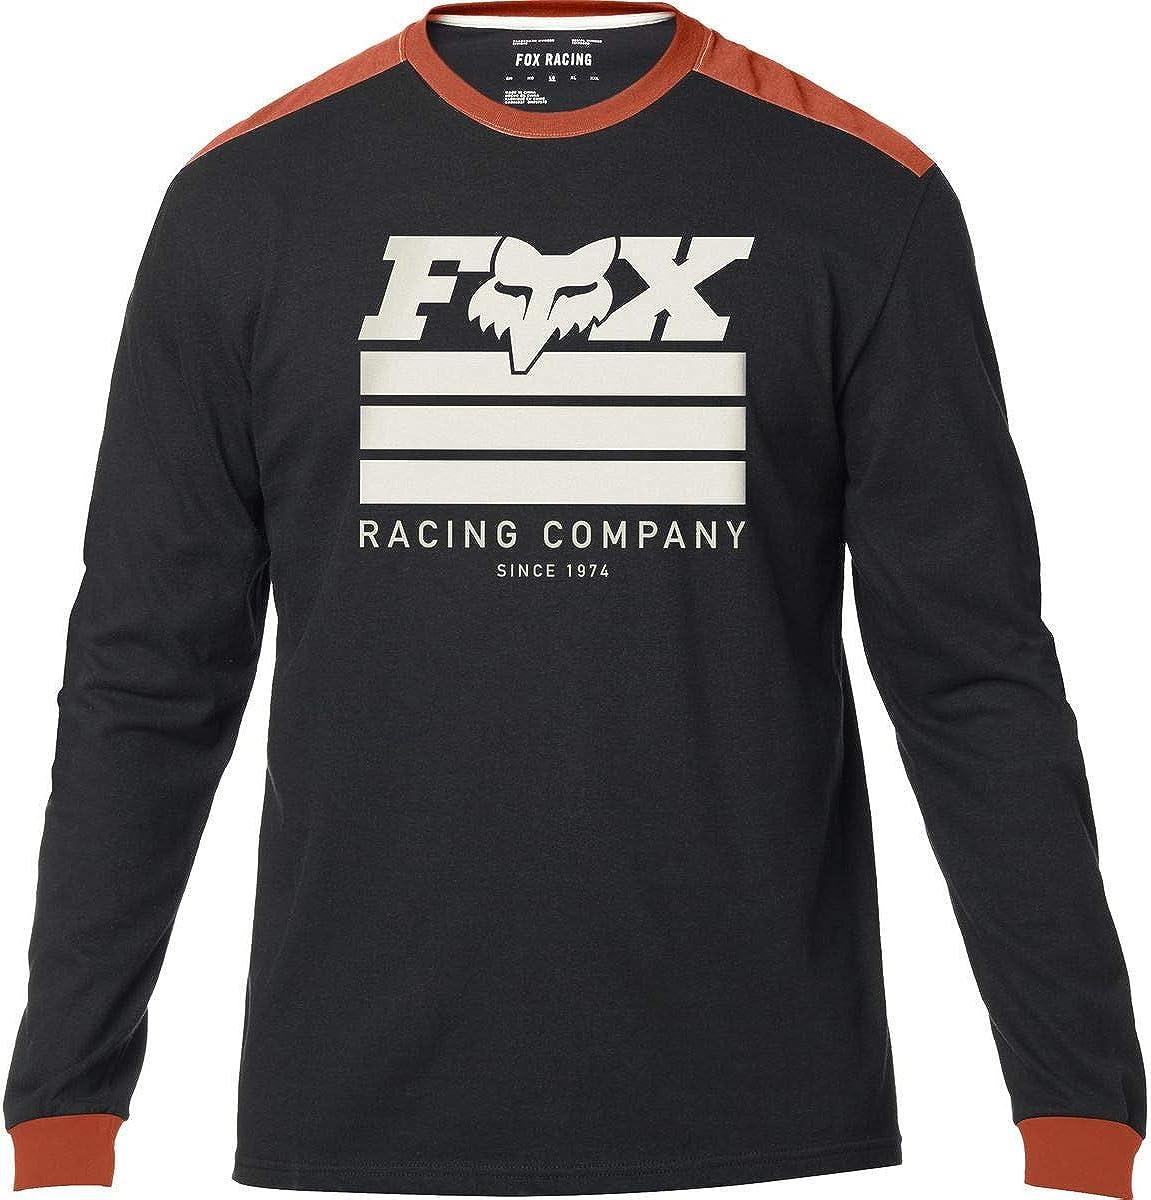 Fox Racing Men's Longsleeve T-Shirt